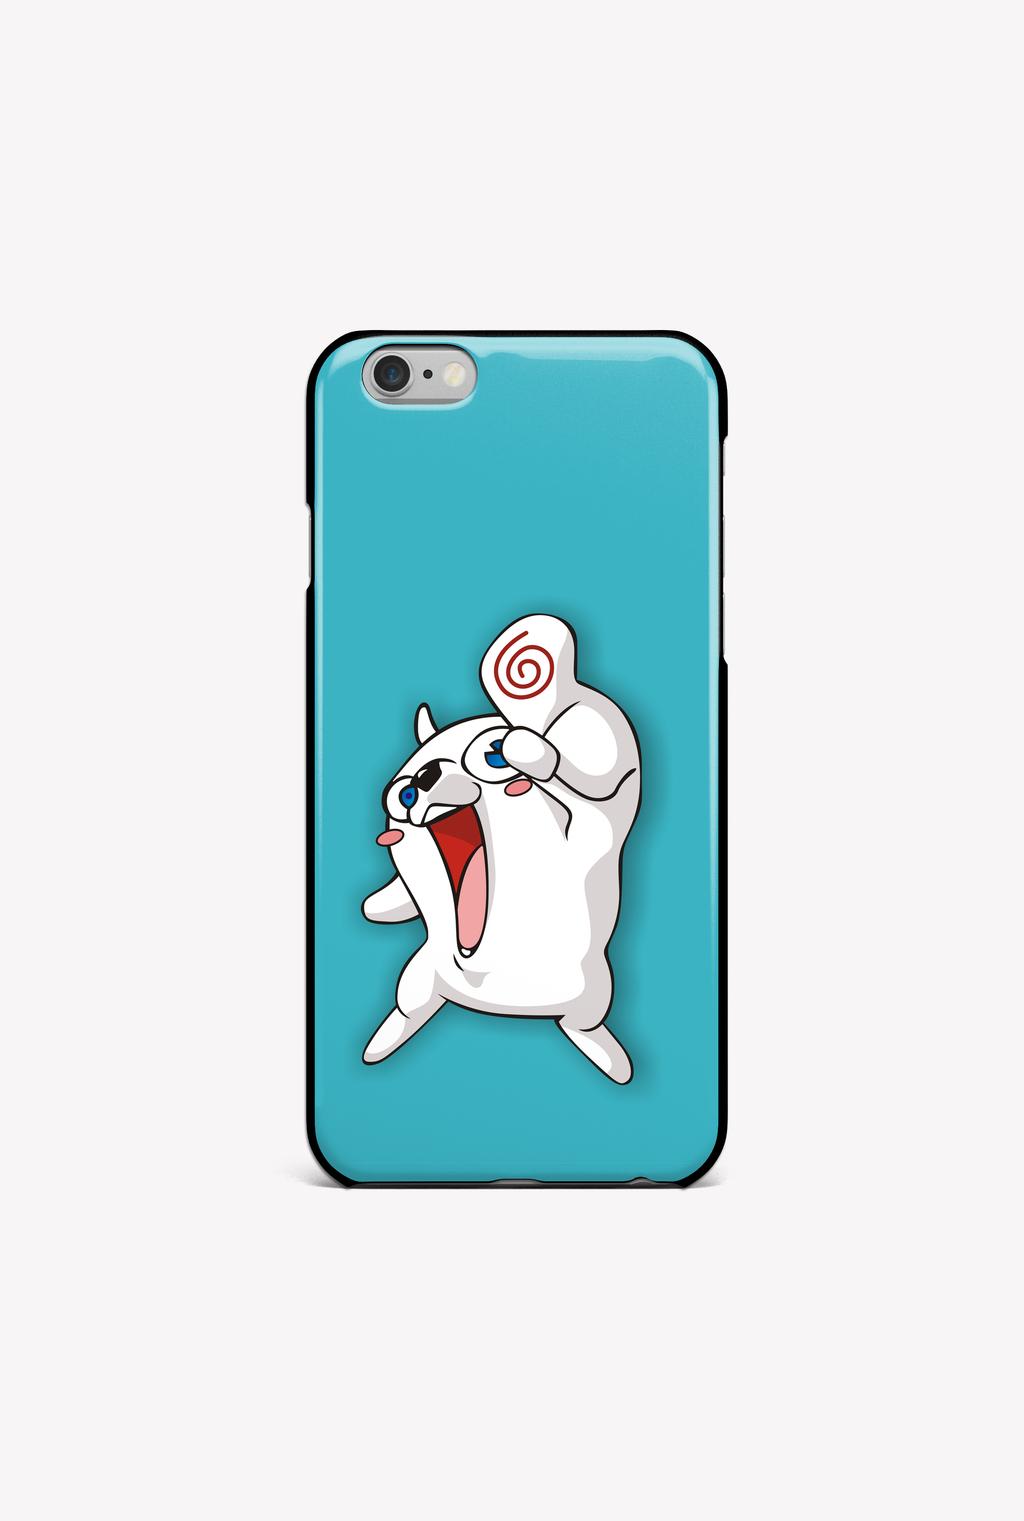 手机壳图案设计卡通小动物   图片编号:27018473 文件格式:其他 颜色